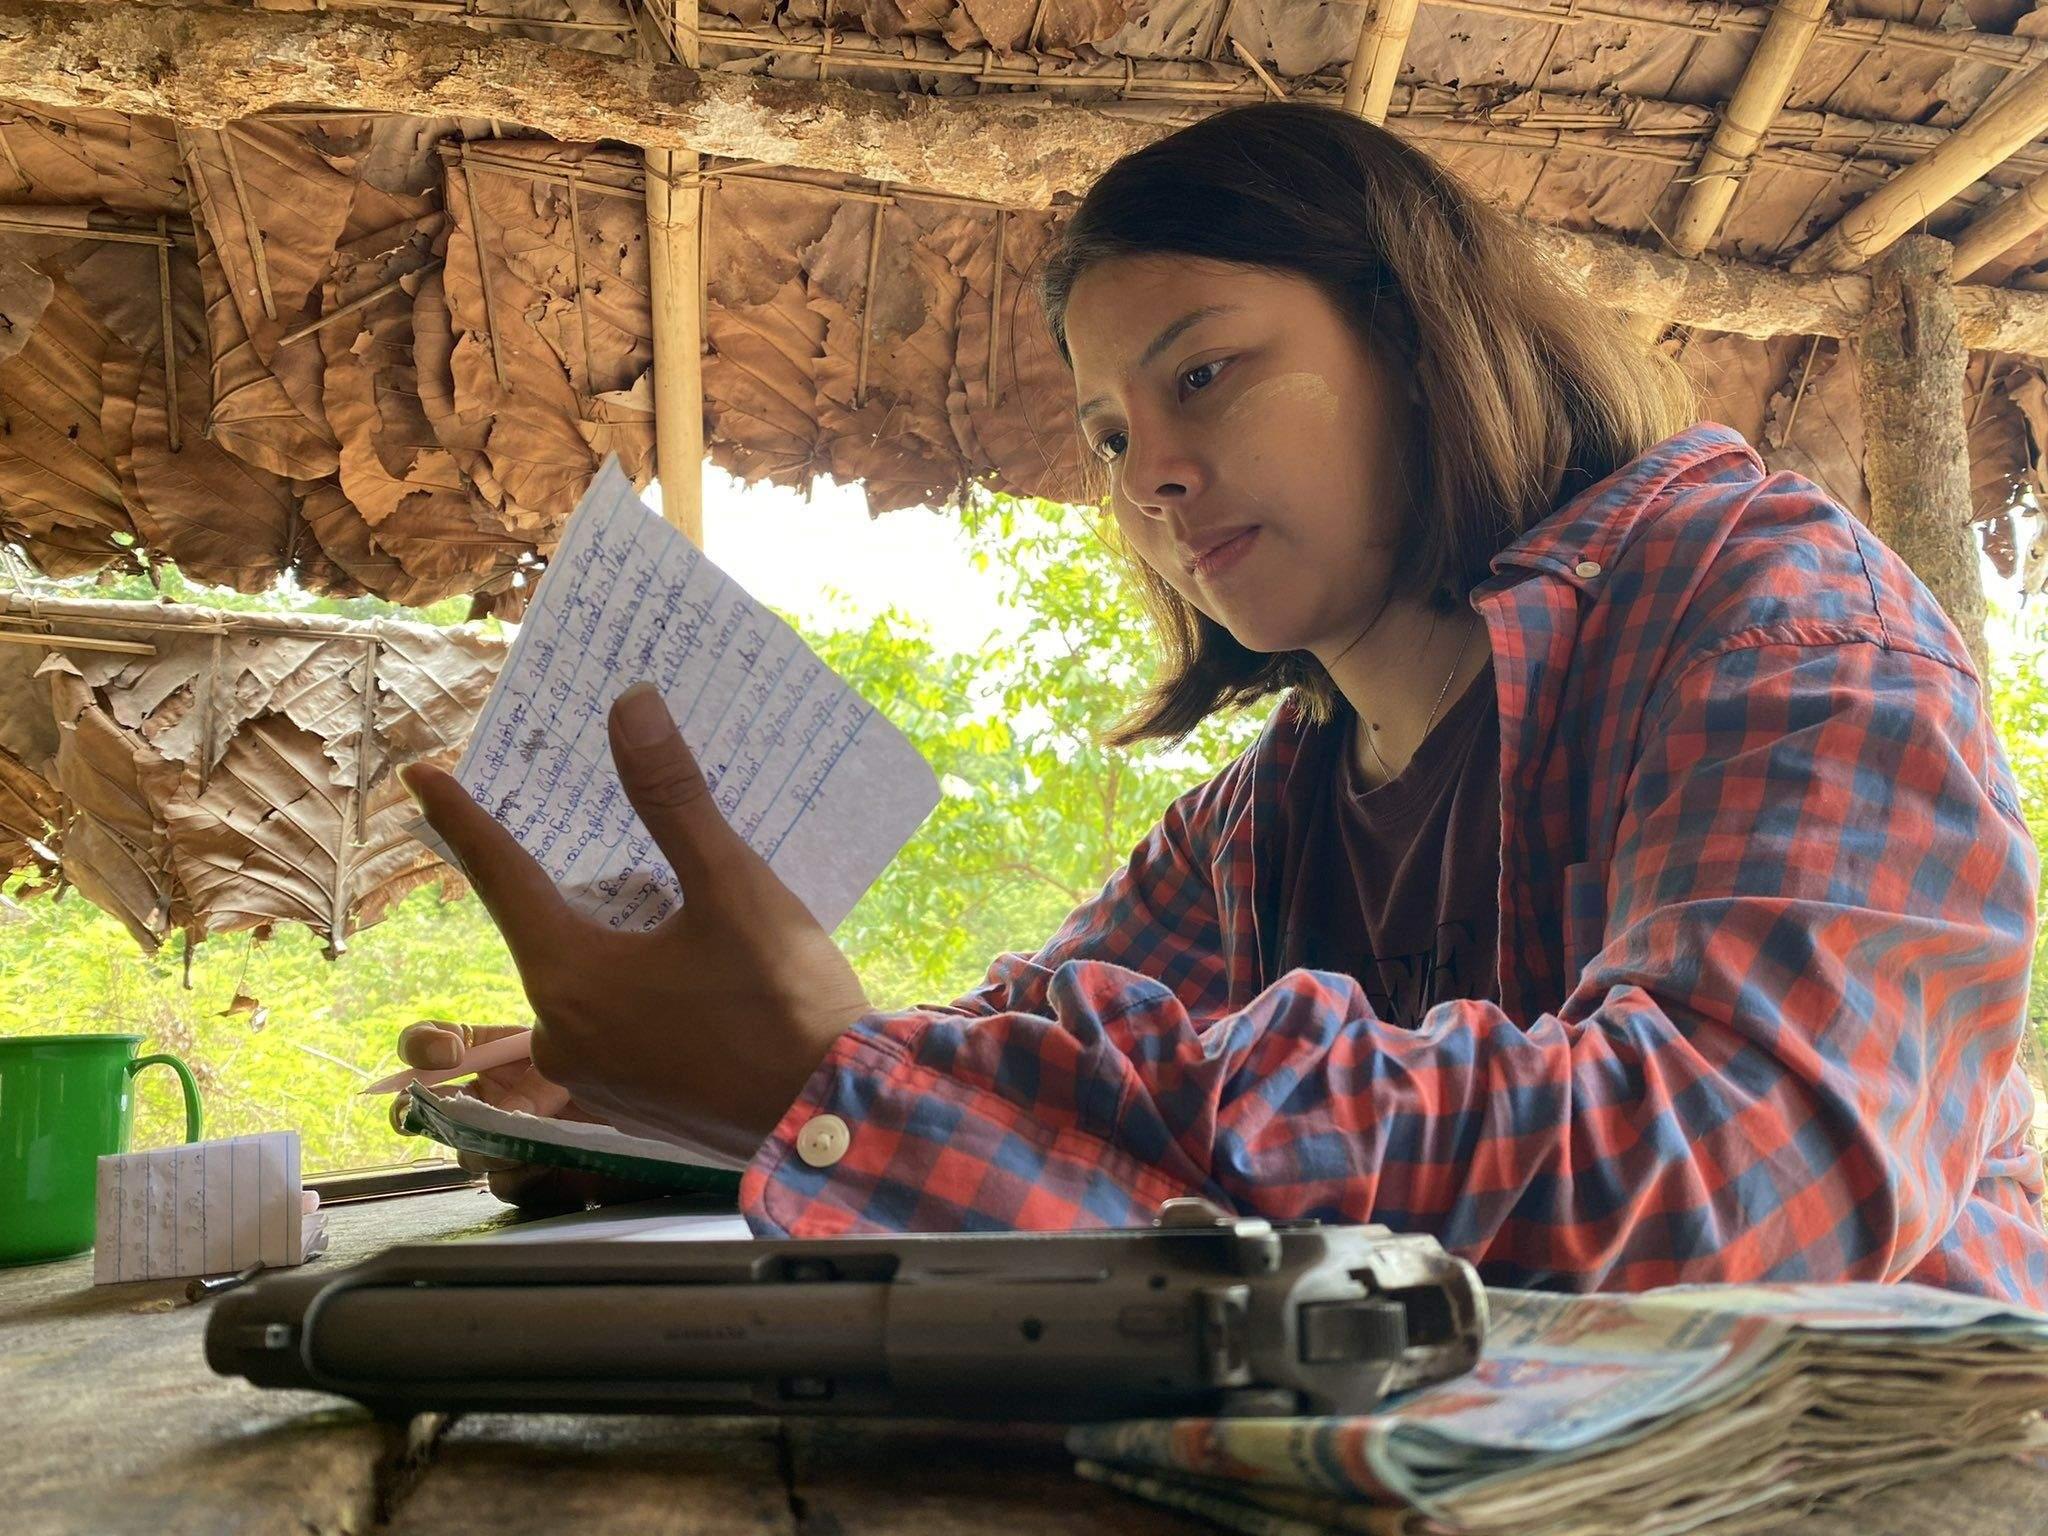 М'янма королева краси повстання